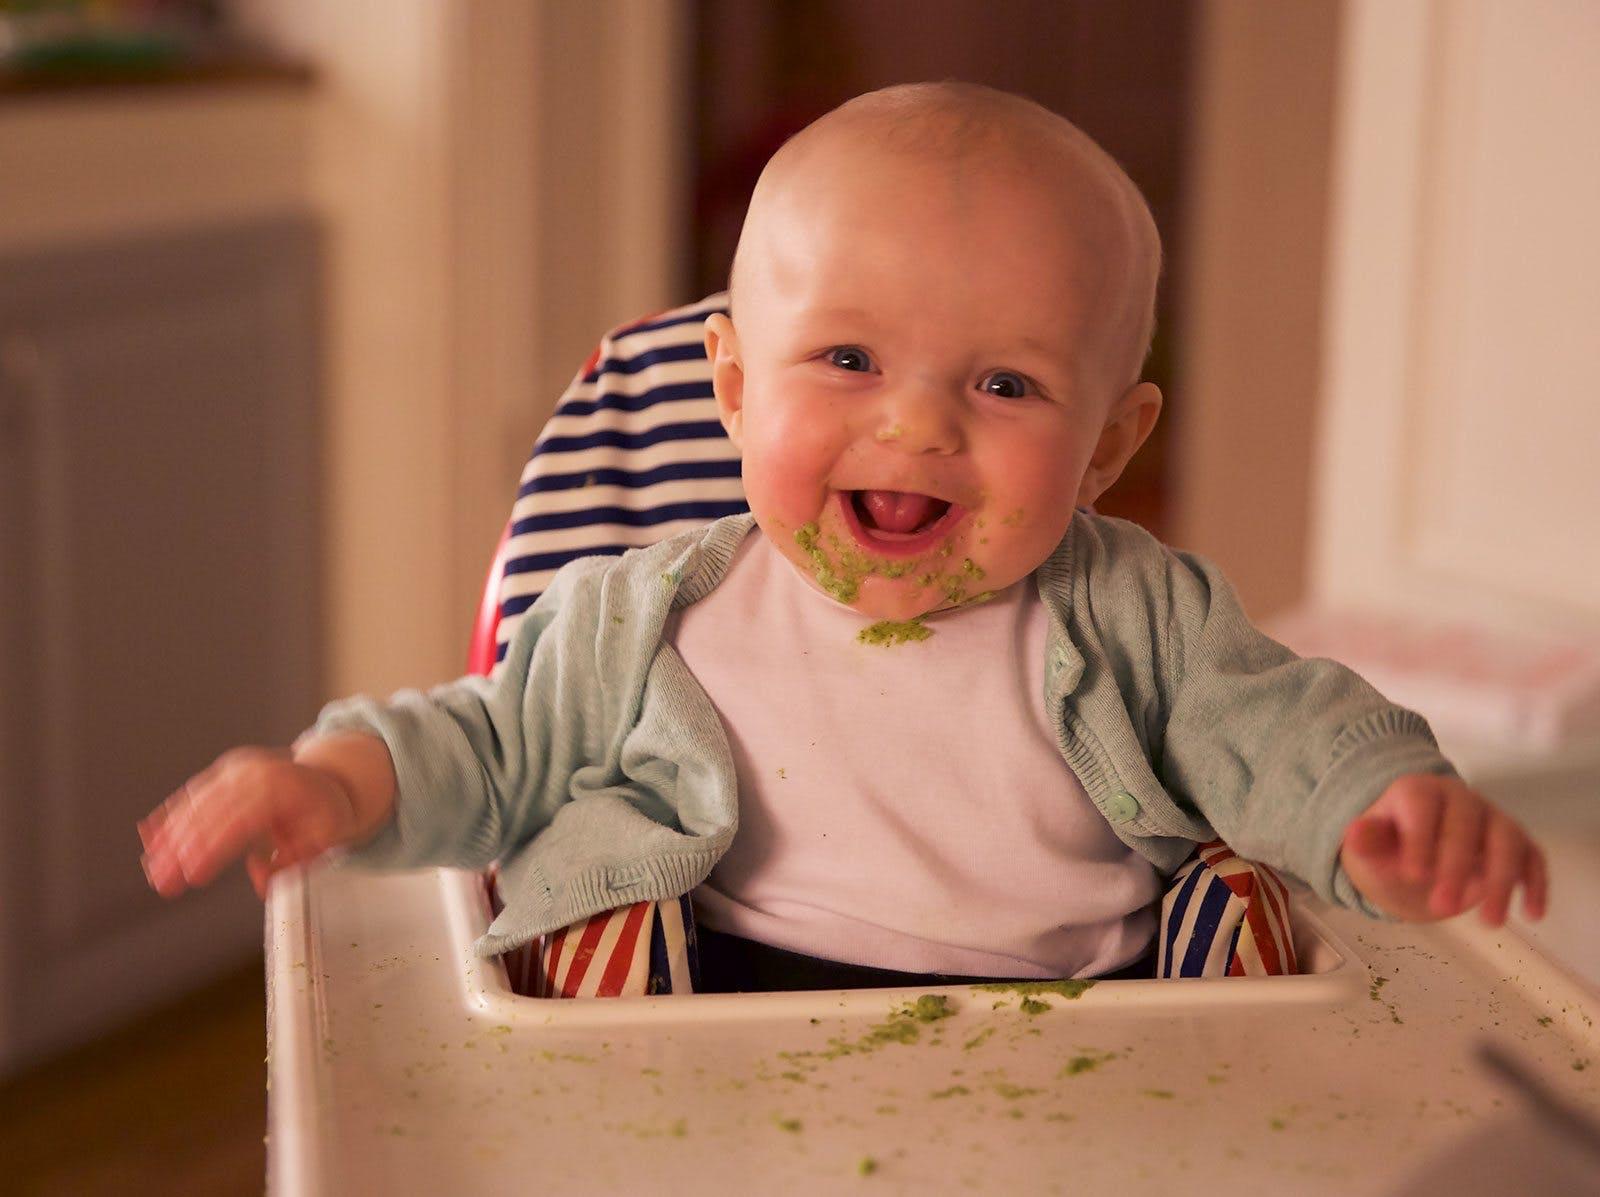 Är hemlagat sämre för din bebis?